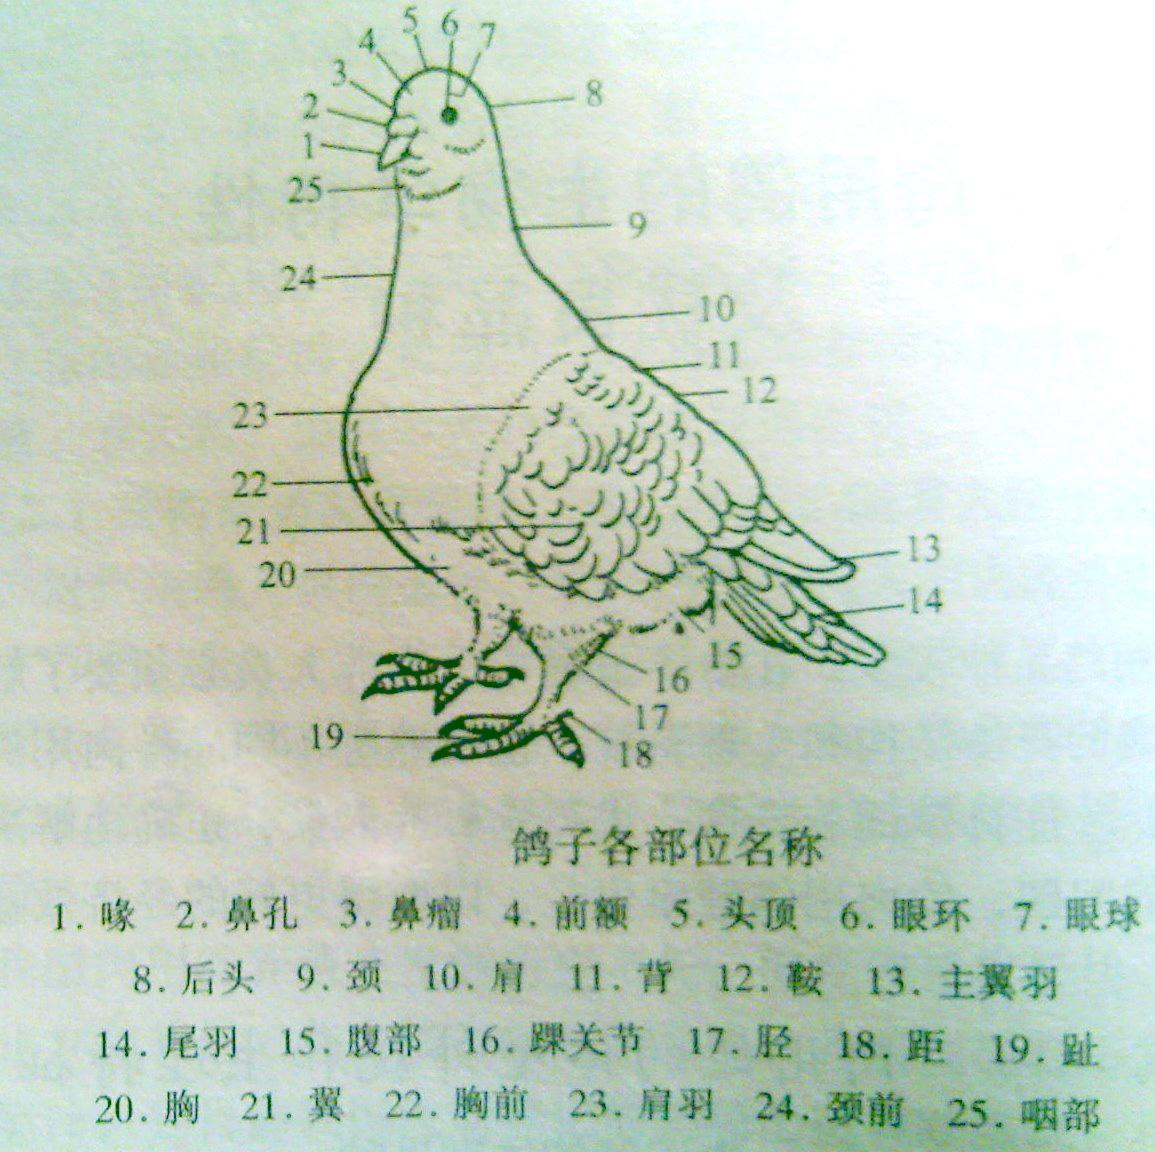 请问鸽子疫苗注射脖子的方法